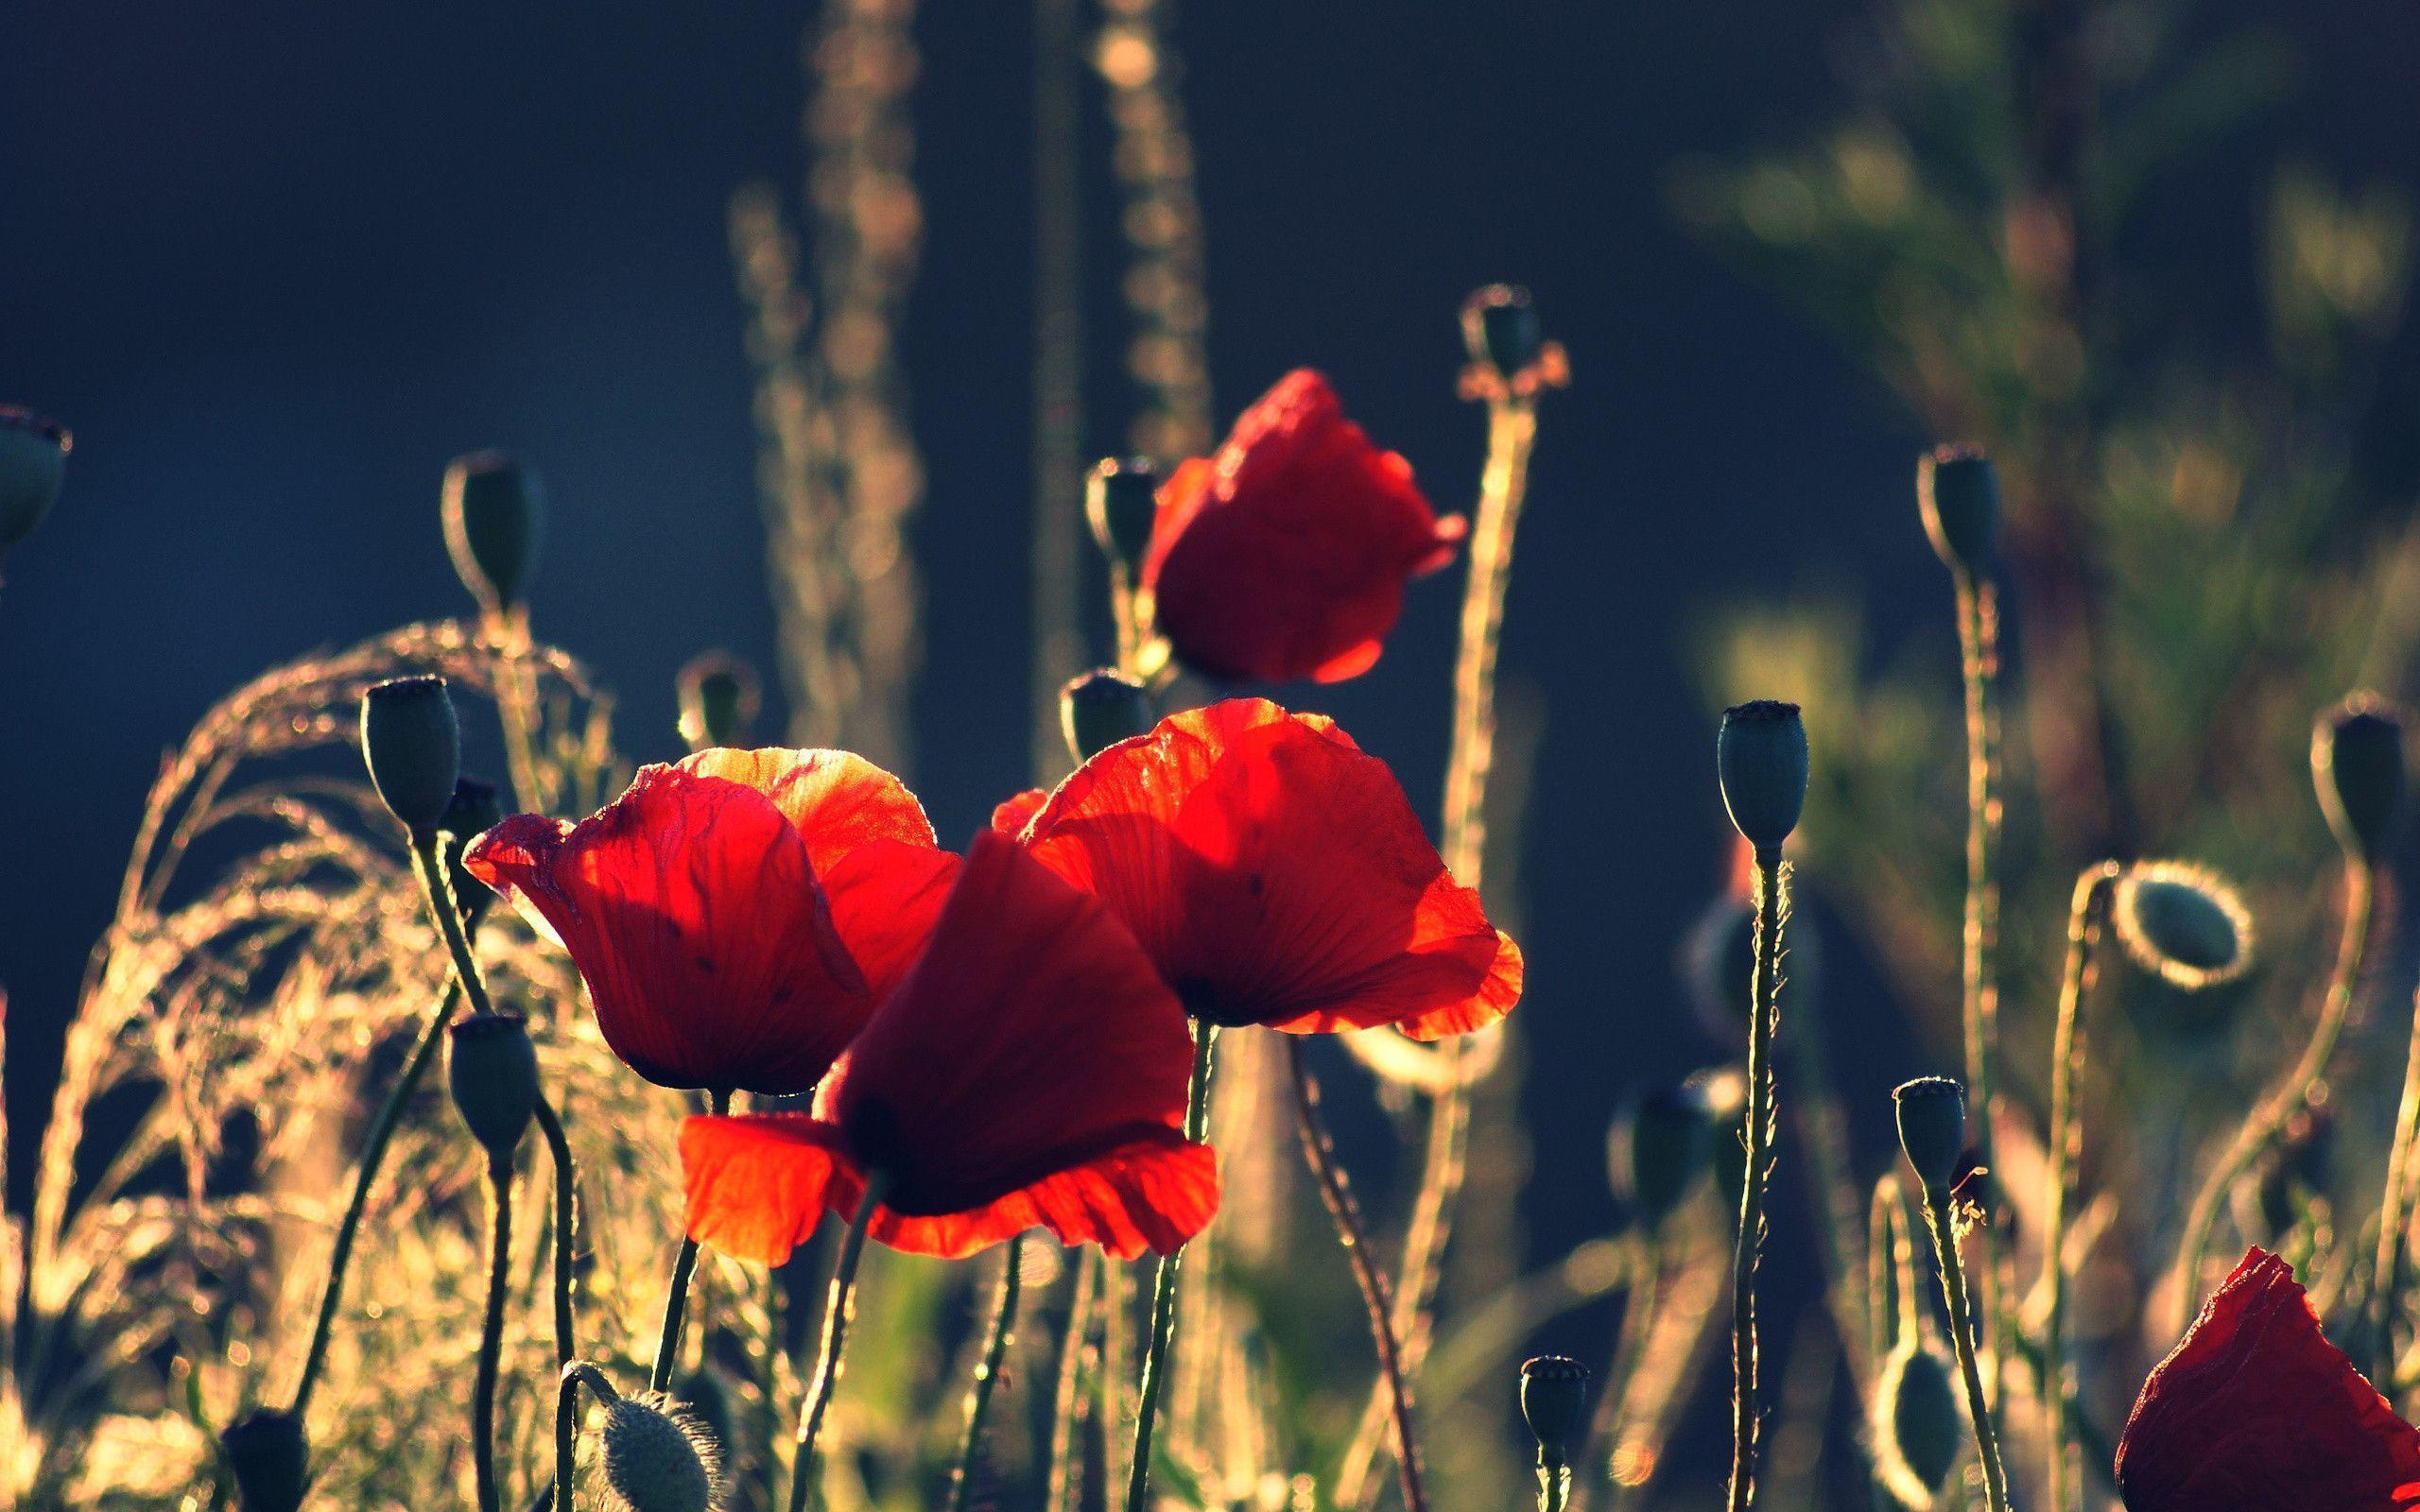 poppy red background - photo #39